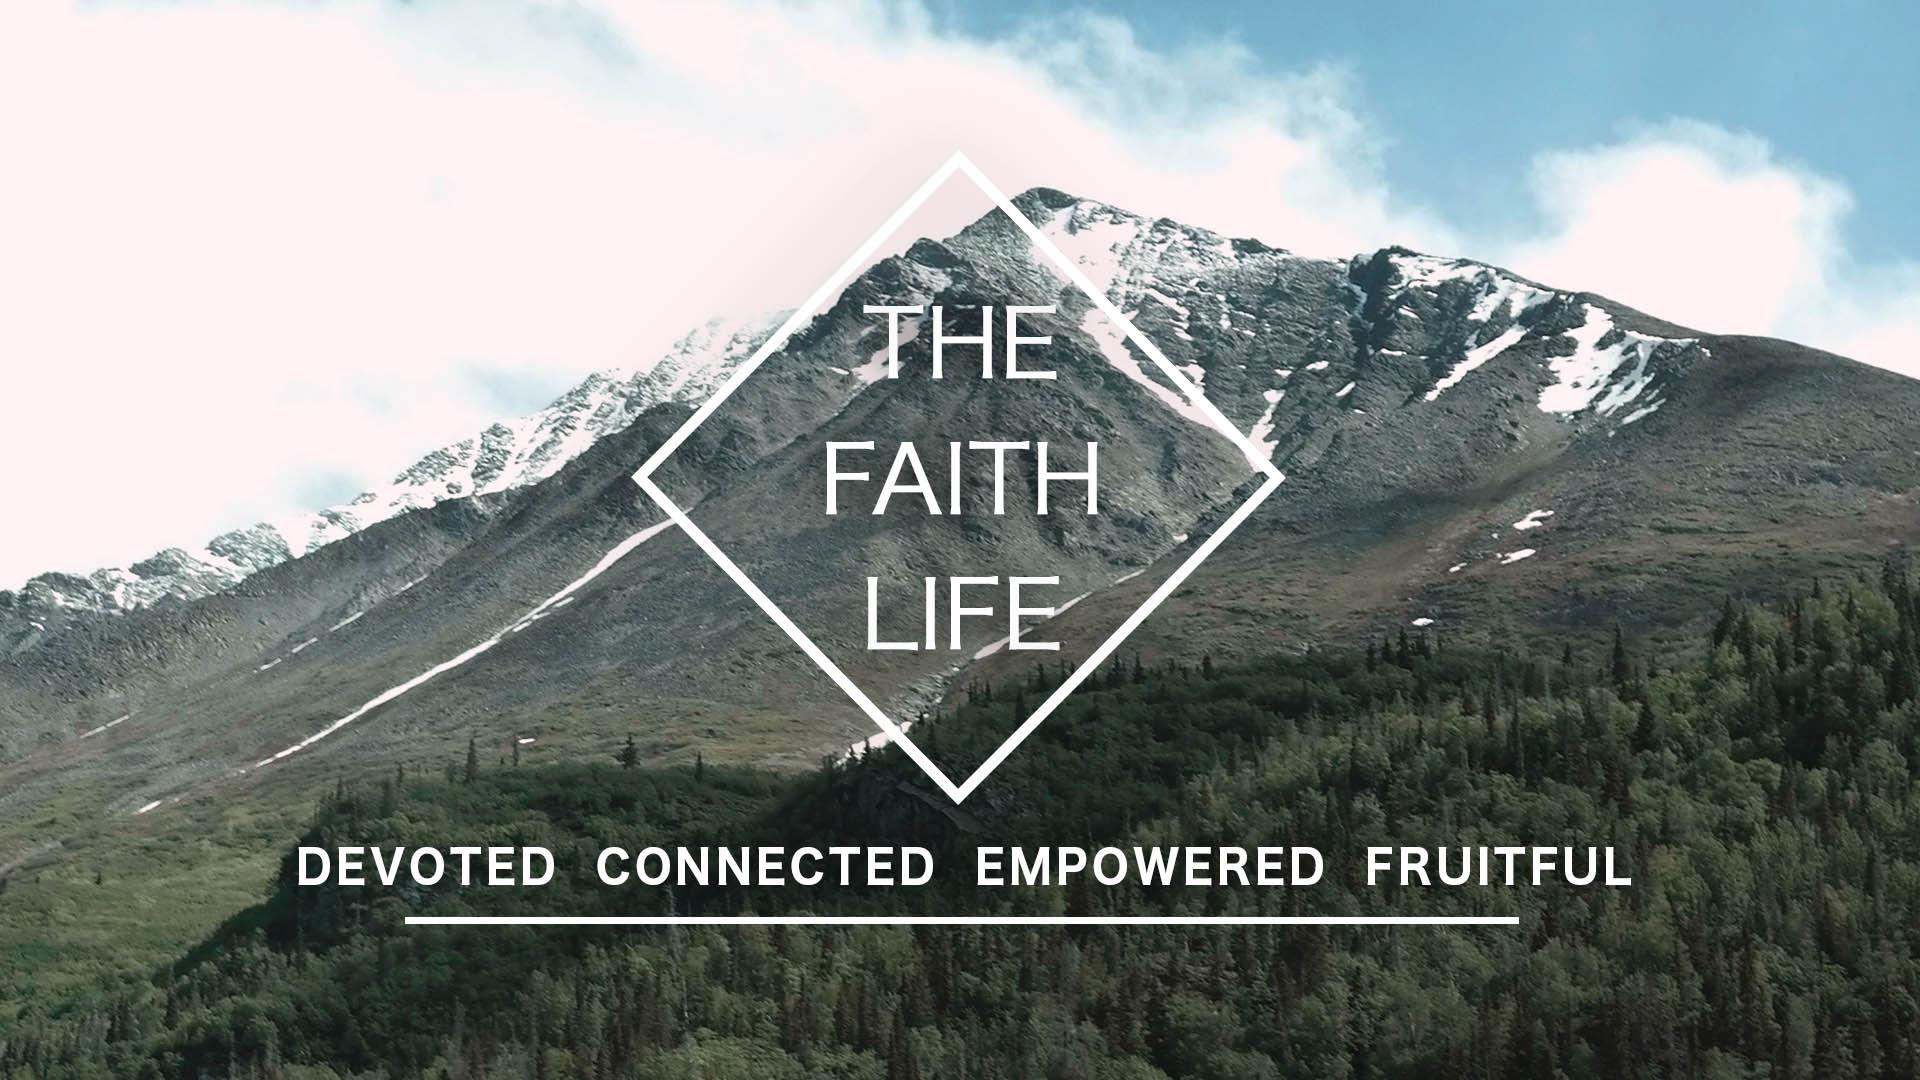 The faith life news